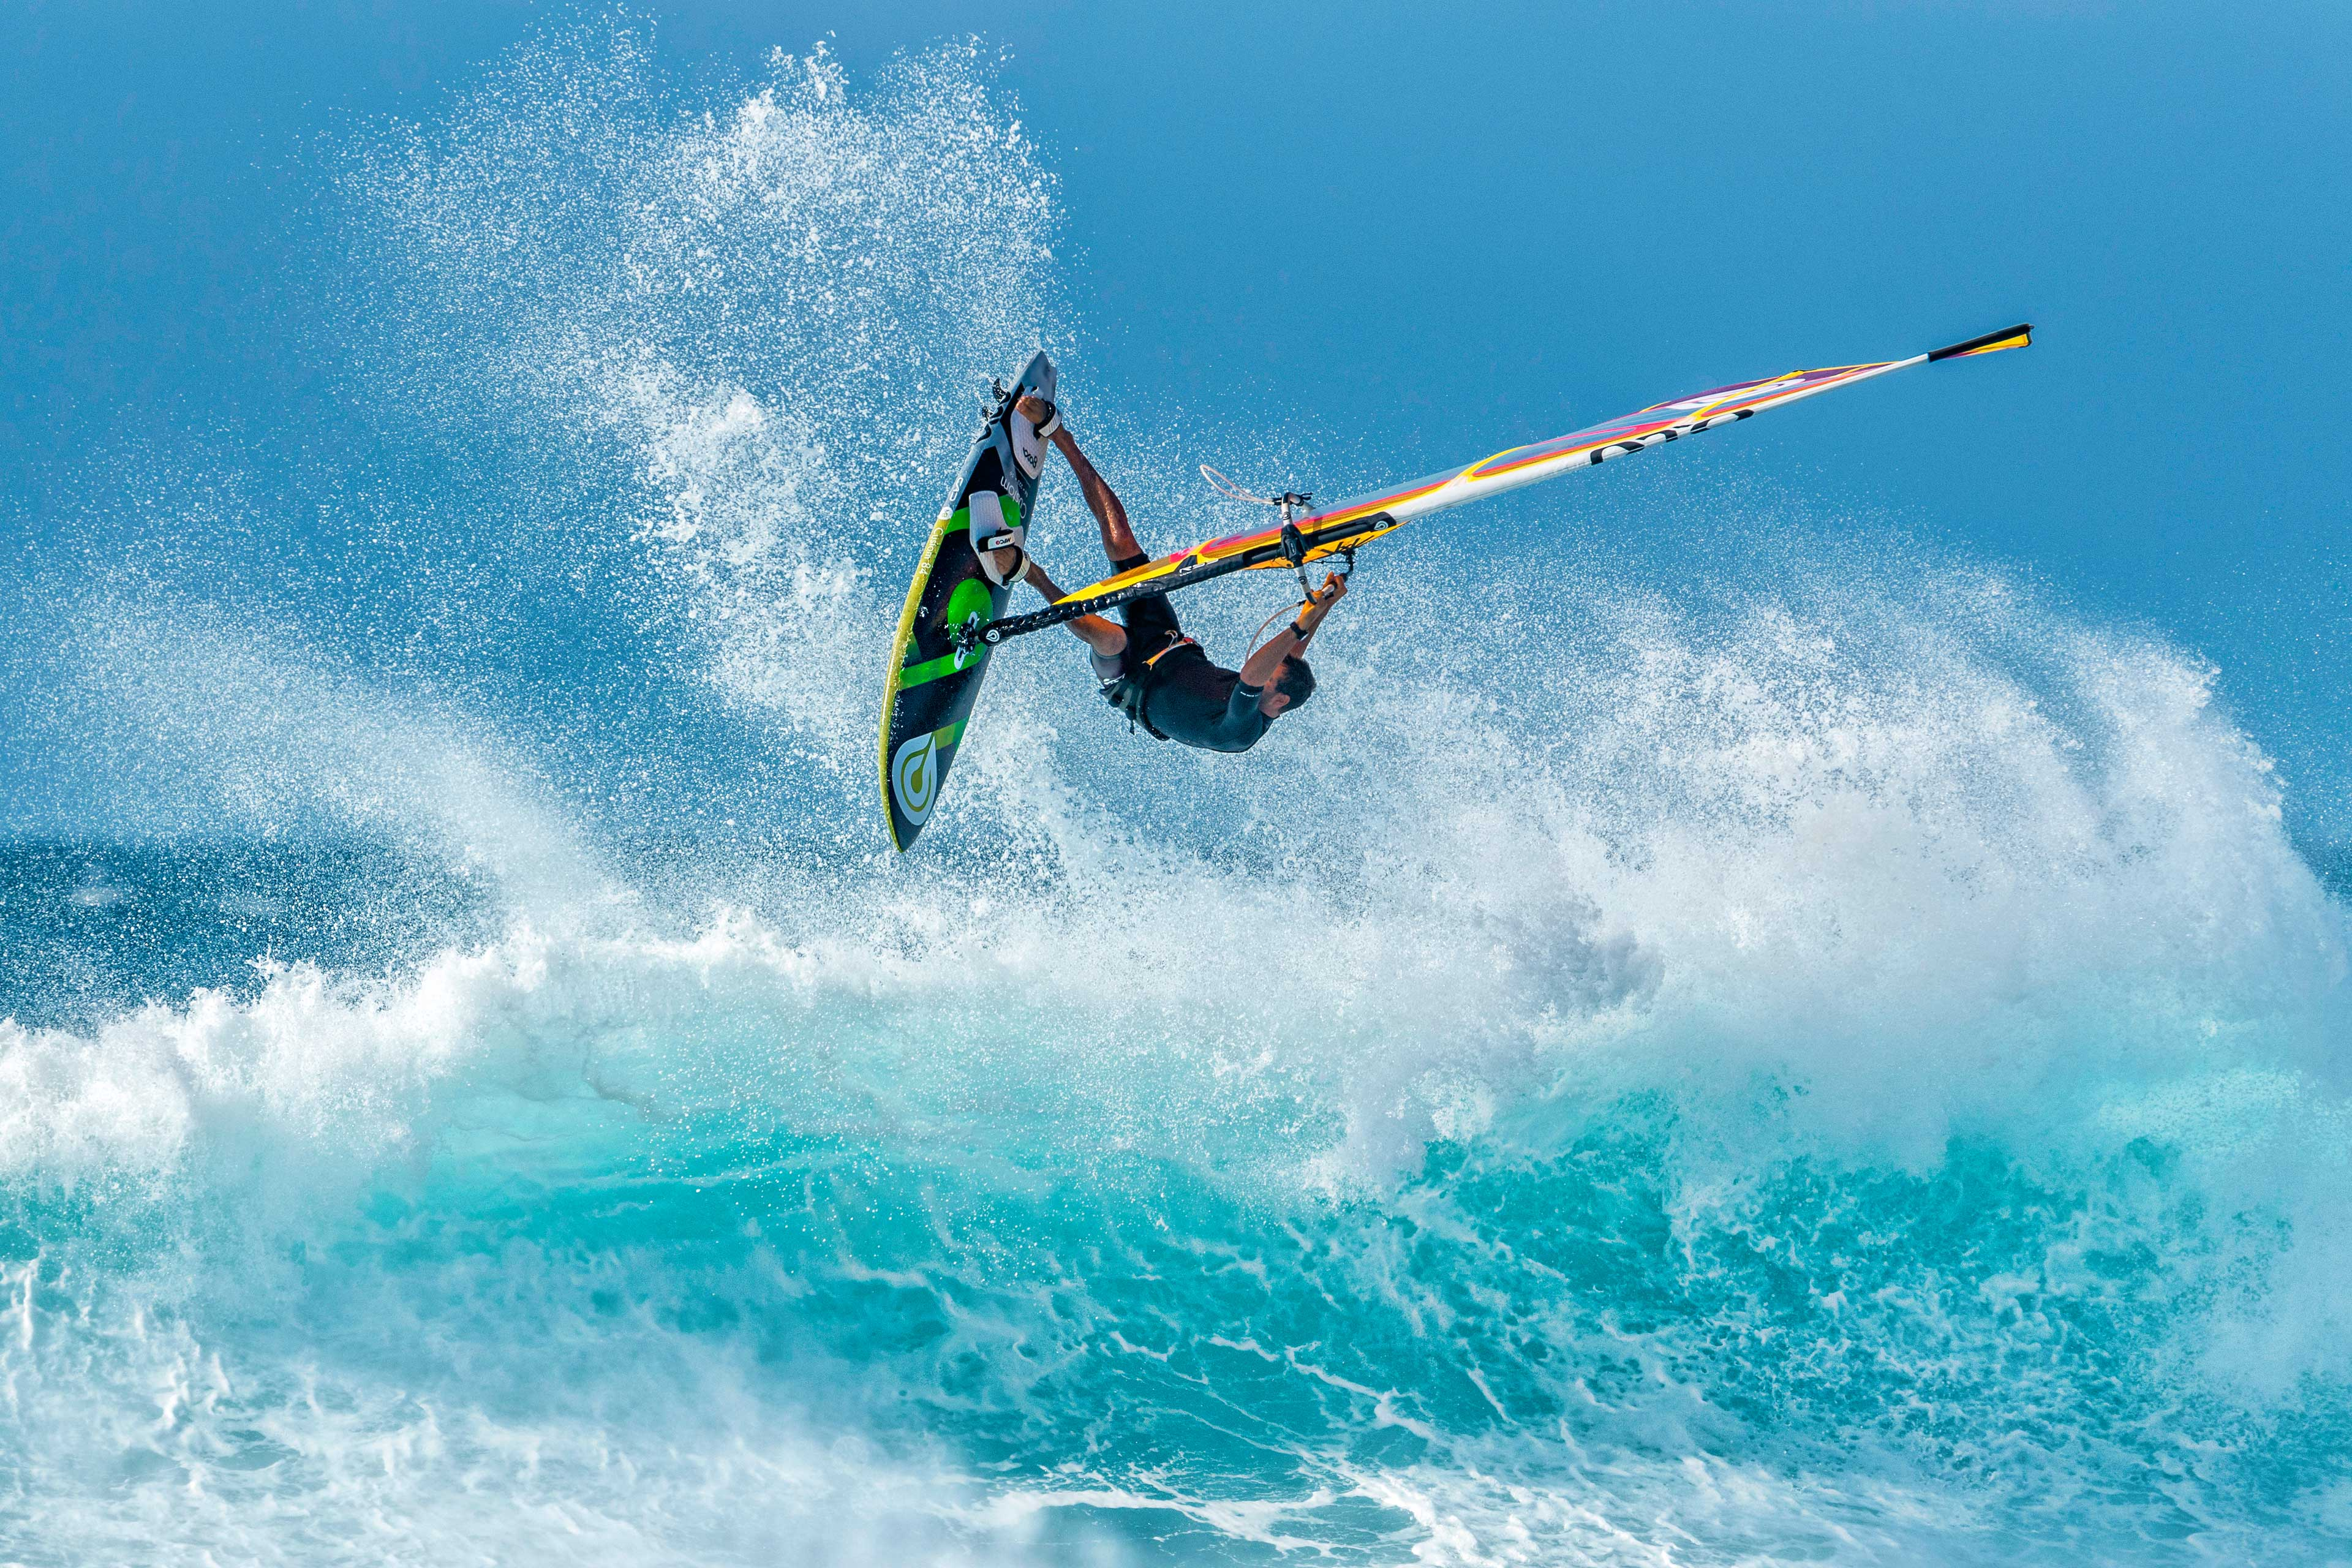 Goya Windsurfing - Boards - Y2019